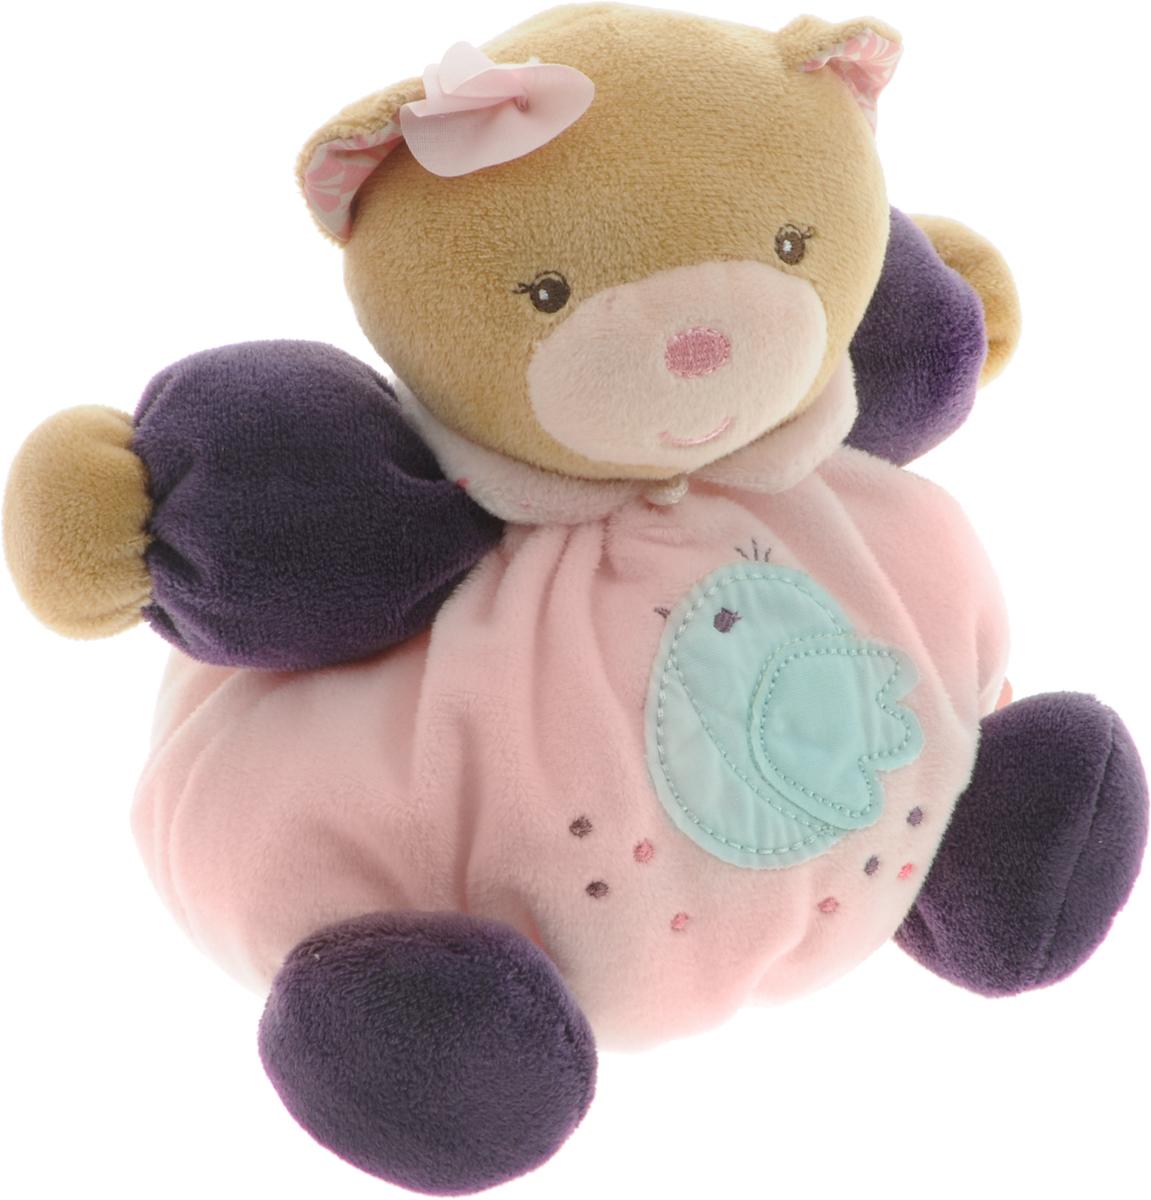 Kaloo Мягкая игрушка Мишка 15 смK969860Великолепный мягкий медвежонок светло-розового цвета Kaloo привлечет внимание малыша и надолго станет его постоянным спутником и любимой игрушкой. Медвежонок изготовлен из нескольких видов ткани, что прекрасно будет развивать тактильные ощущения малыша. На левой лапке у мишки вышит логотип бренда, животик украшен аппликацией с птичкой. Игрушка выполнена из качественных и безопасных для здоровья детей материалов, которые не вызывают аллергии, приятны на ощупь и доставляют большое удовольствие во время игр. Игрушку приятно держать в руках, прижимать к себе и придумывать разнообразные игры. Игры с мягкими игрушками развивают тактильную чувствительность и сенсорное восприятие.